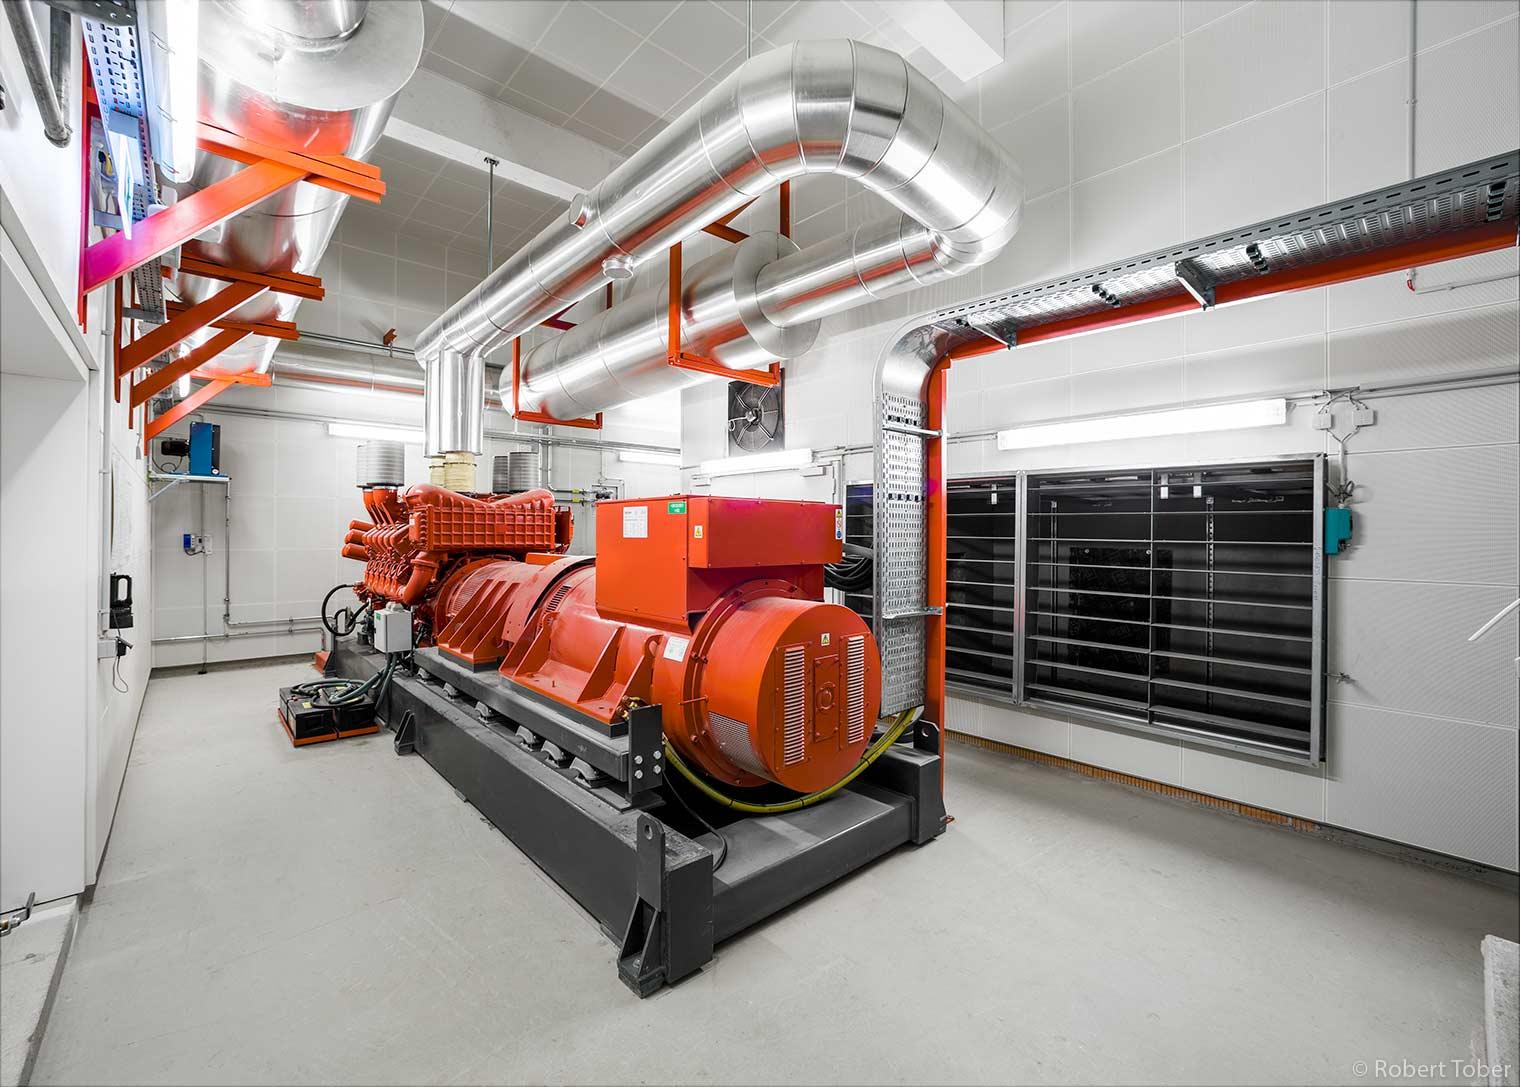 Landesklinikum Mistelbach · Cerveny 400 kVA USV Diesel Notstromgenerator, Abgasanlage an der Decke, Belüftungsklappen · © Robert Tober Architekturfotograf